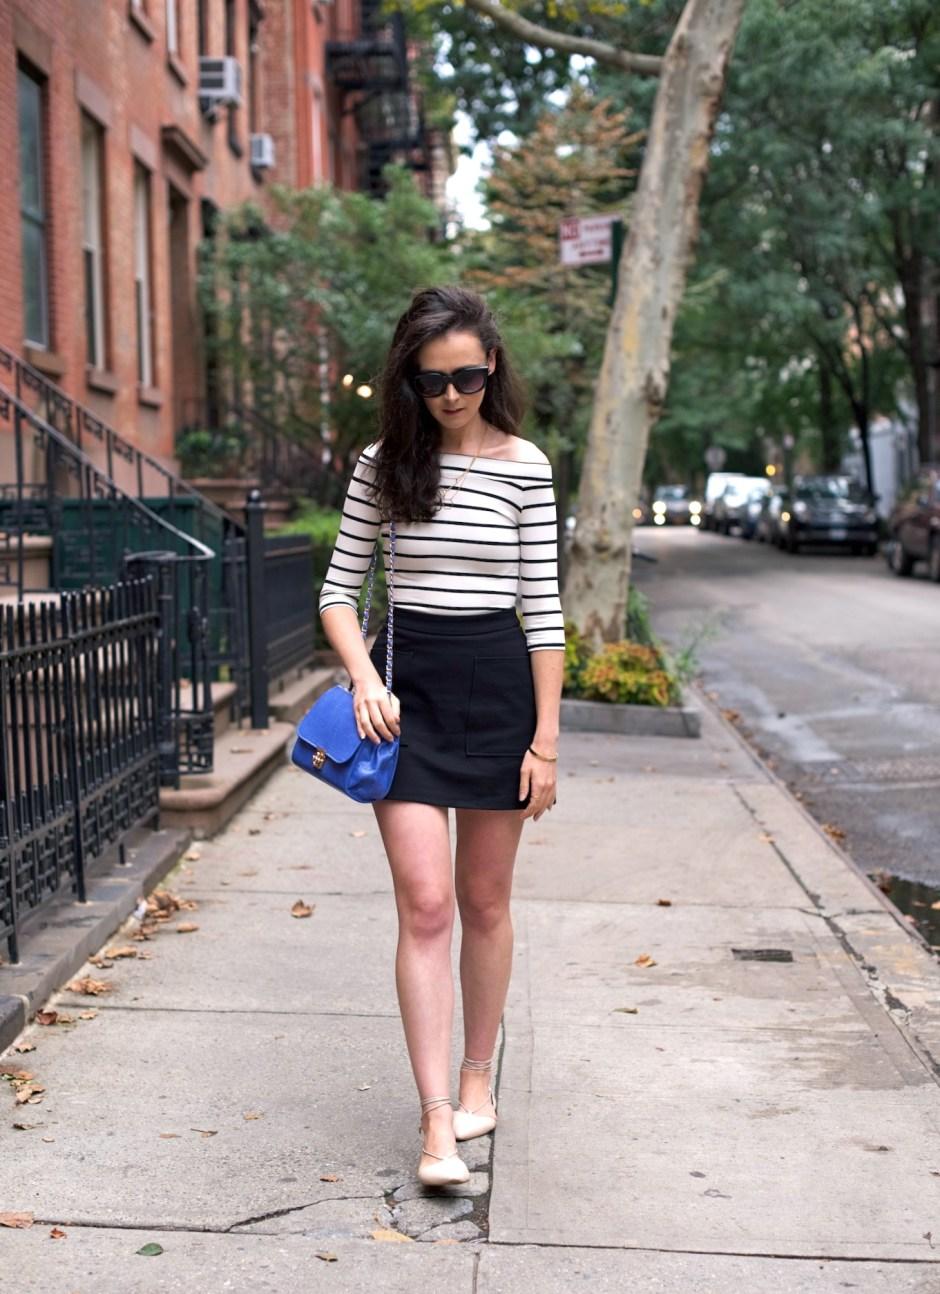 irish fashion: Stripe Top and Lace Up Flats